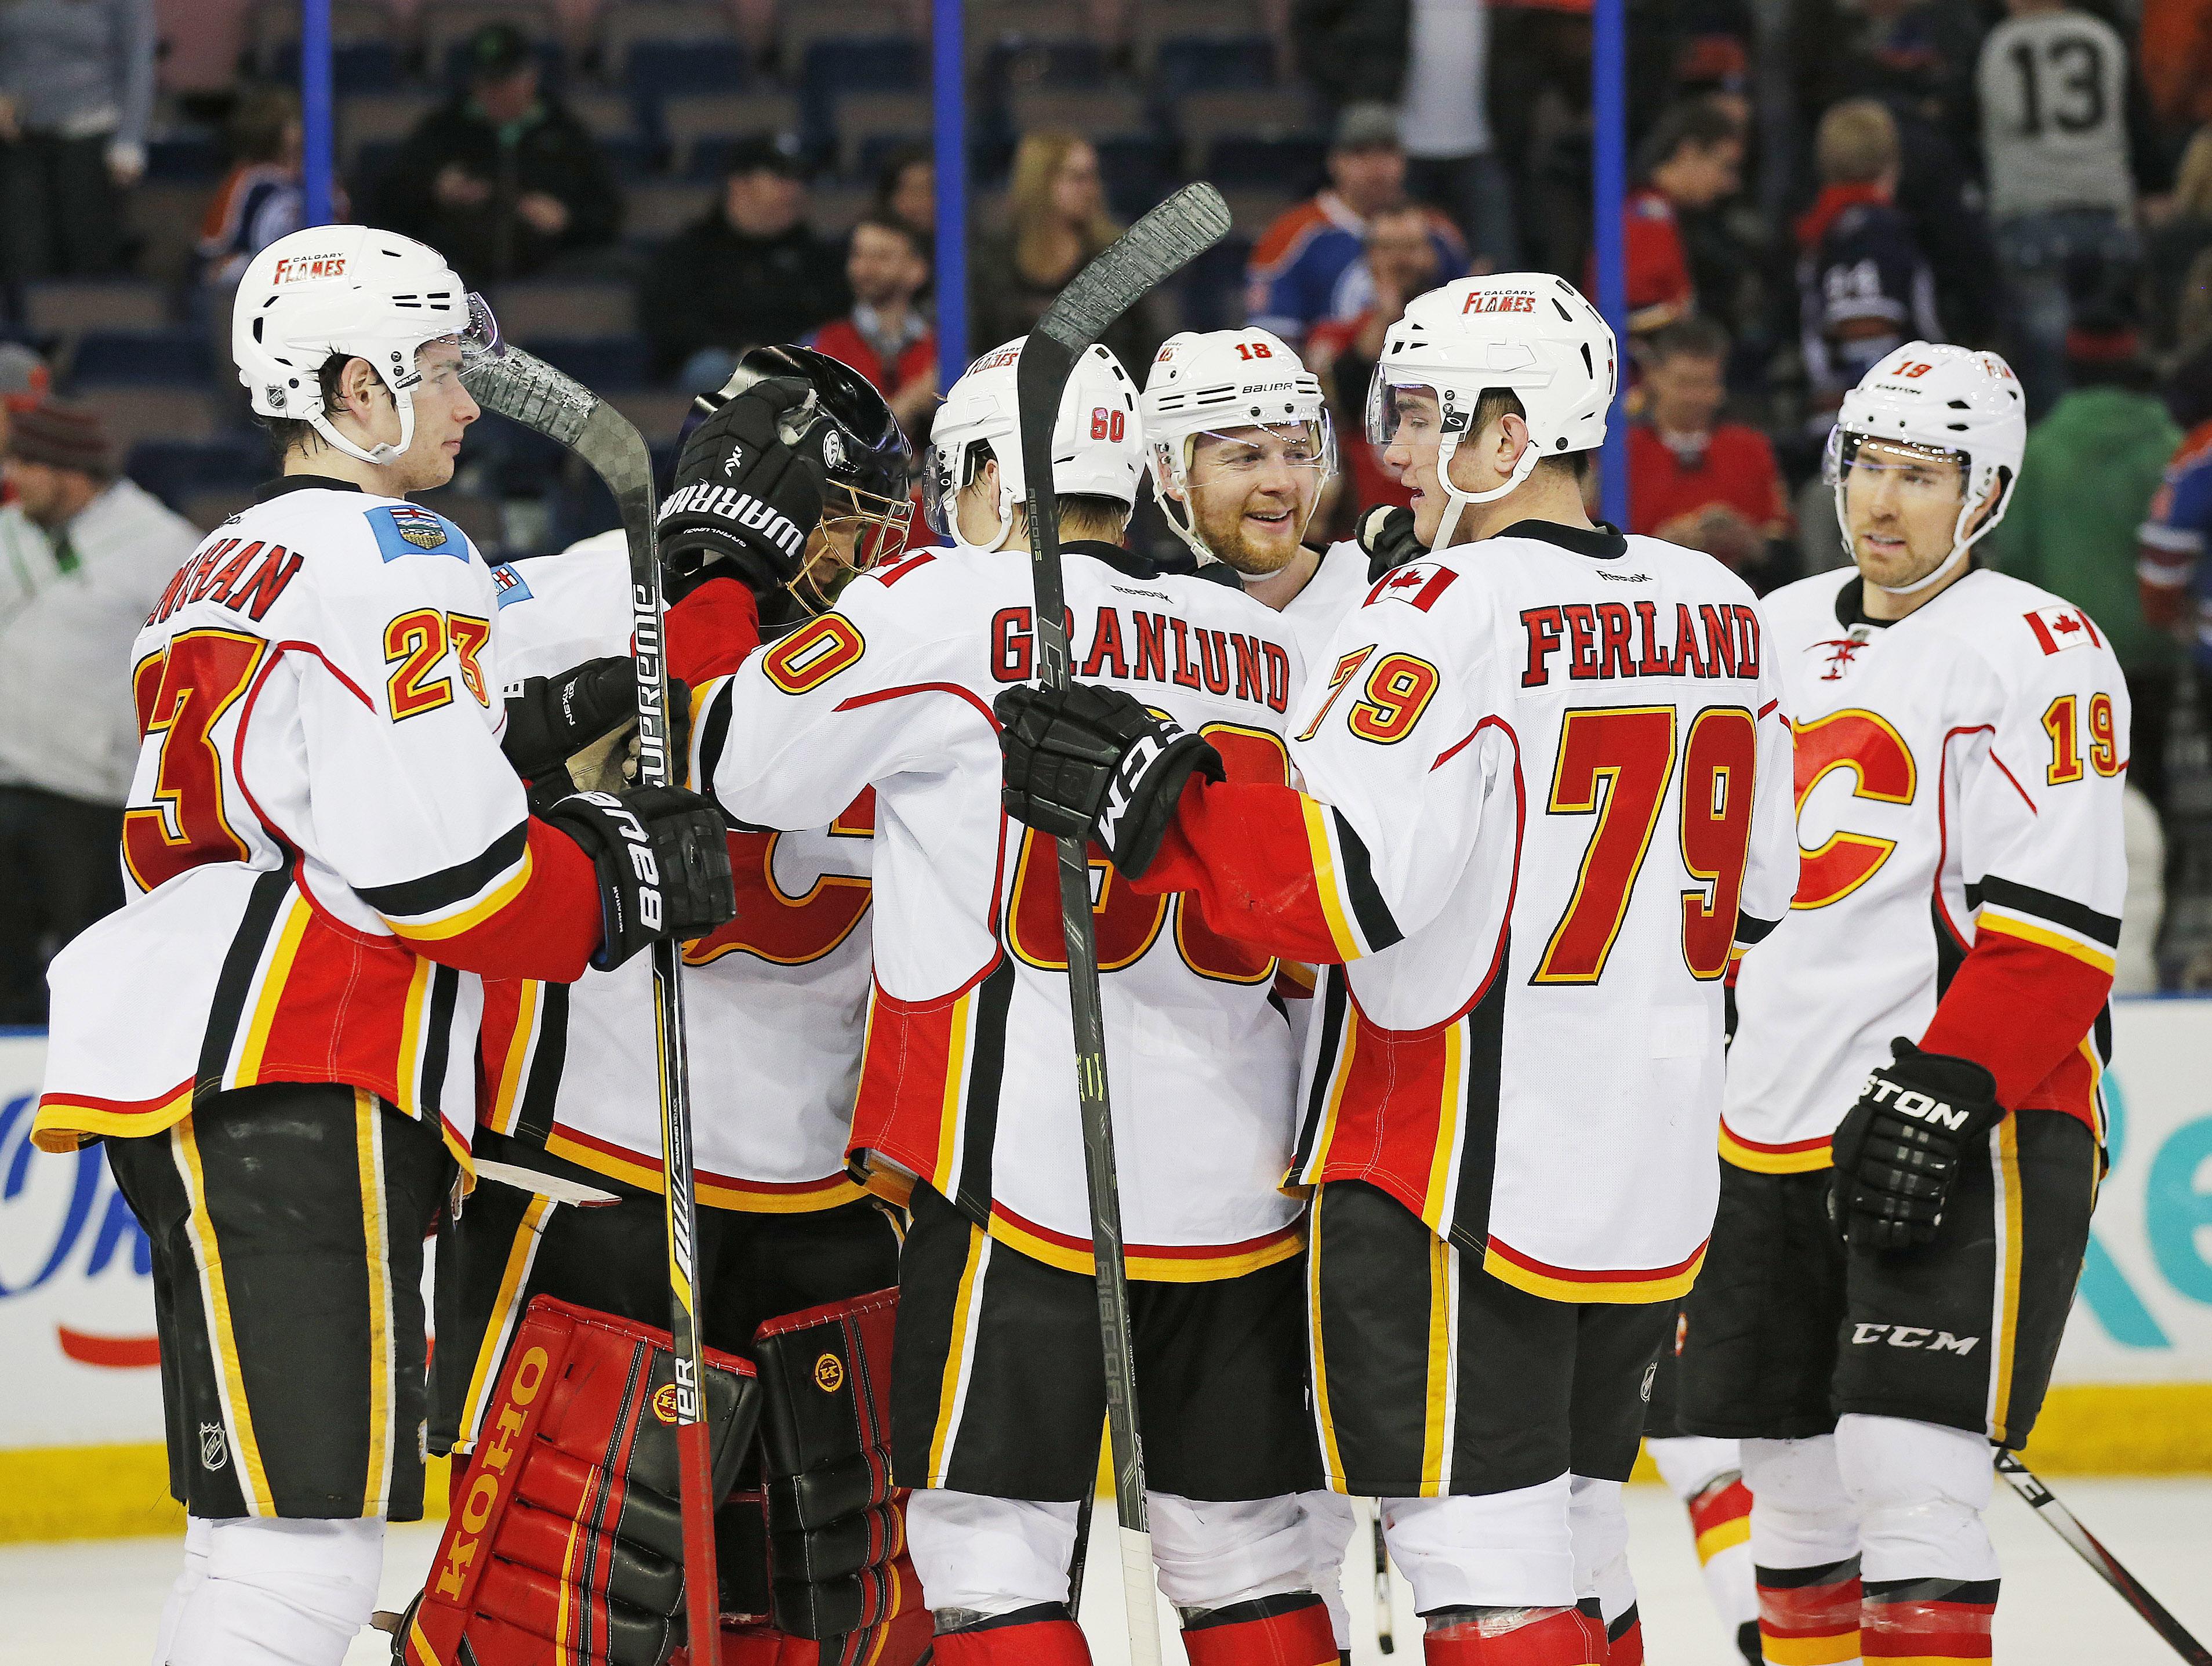 Happy rookies! Happy goalie! Happy team!